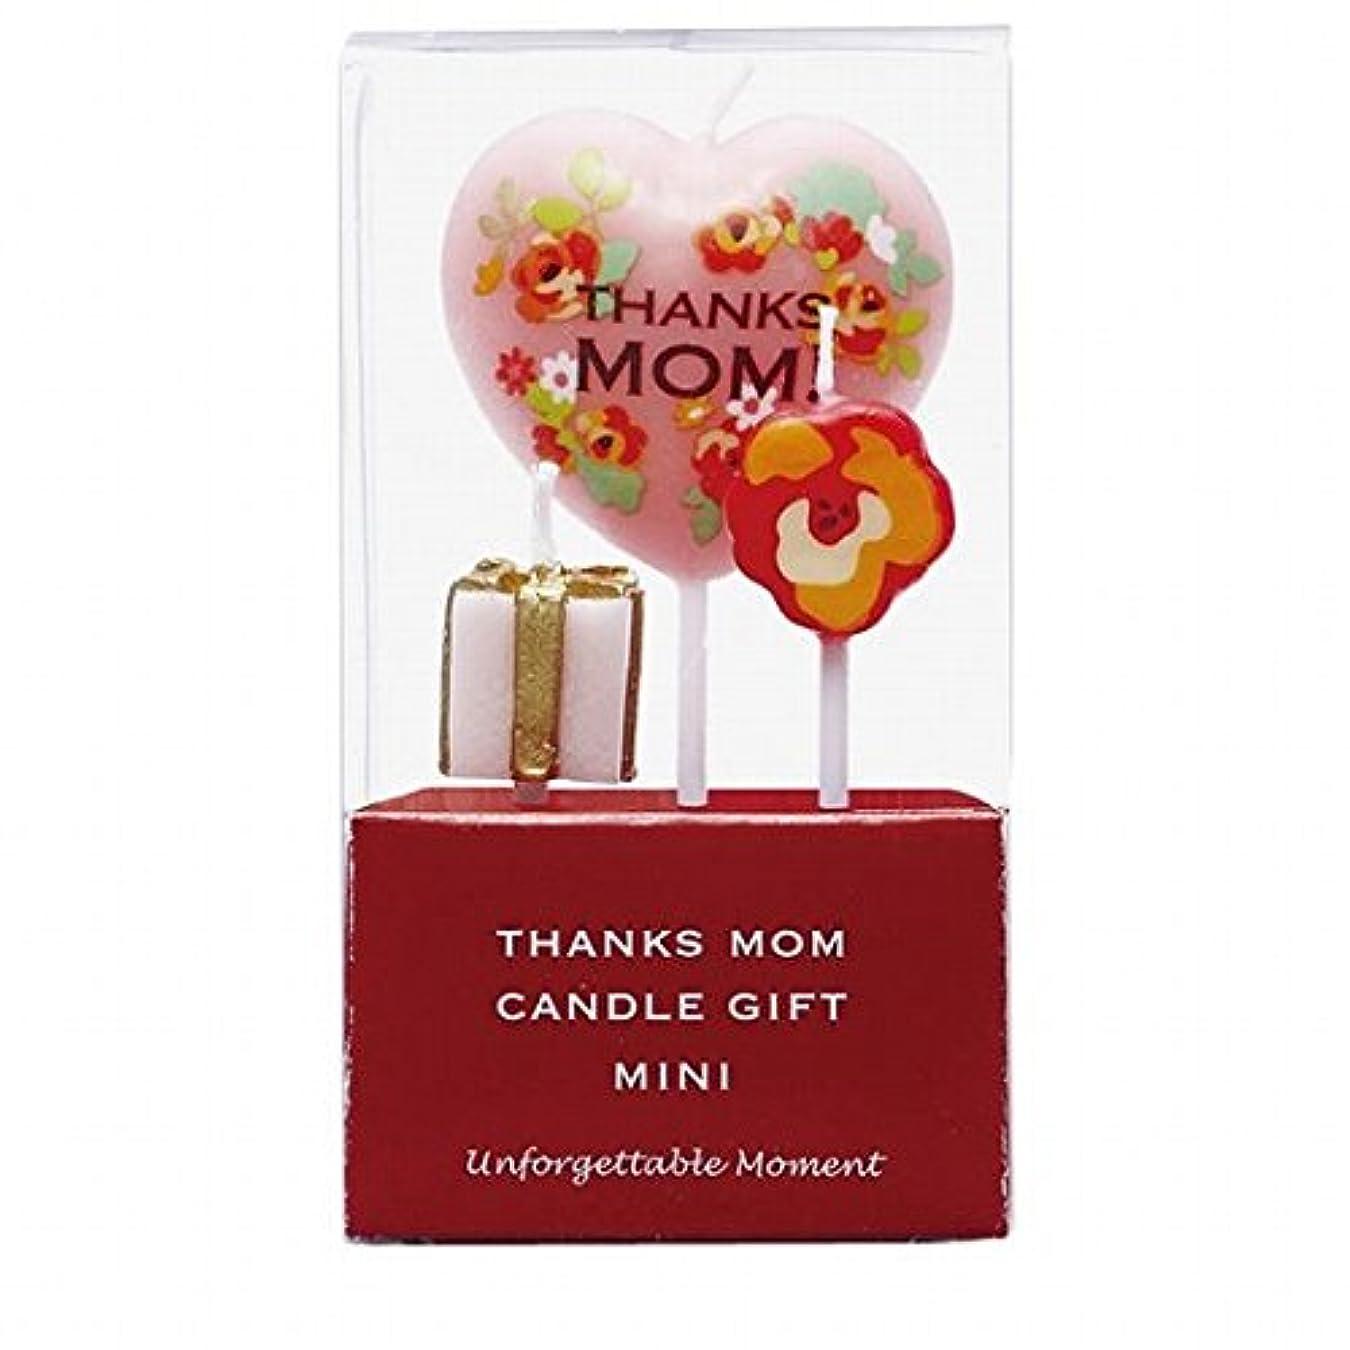 困惑する同等の地下室カメヤマキャンドル(kameyama candle) おかあさんありがとうキャンドルギフトミニ